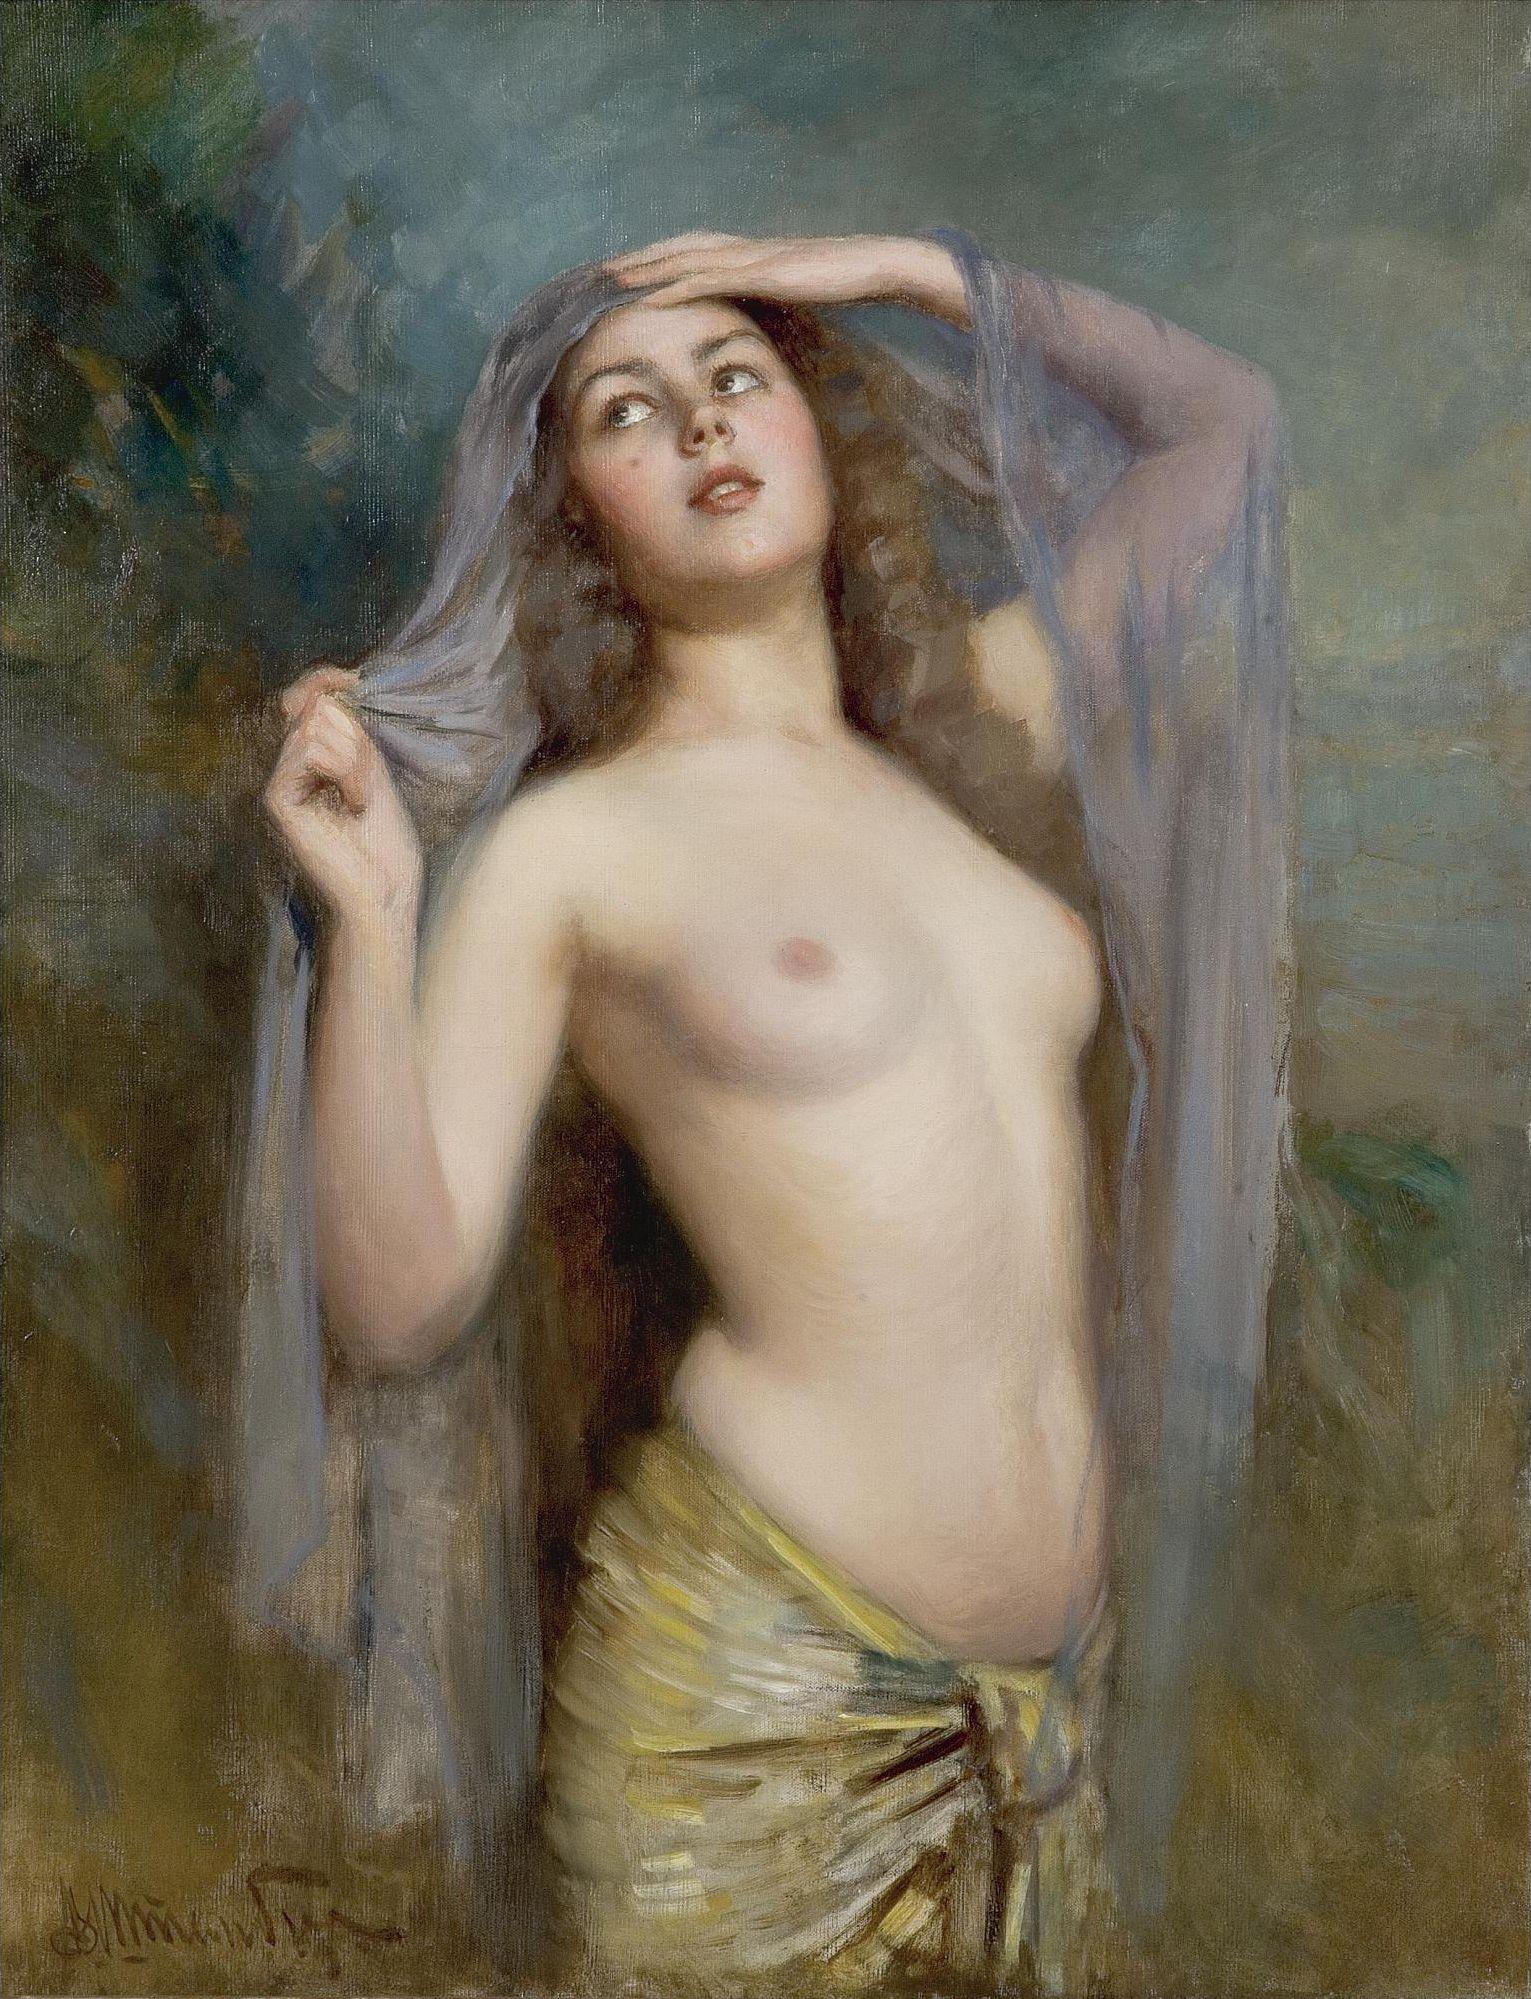 Штемберг Виктор Карлович, 1863-1921. Утро. 103 х 80 см